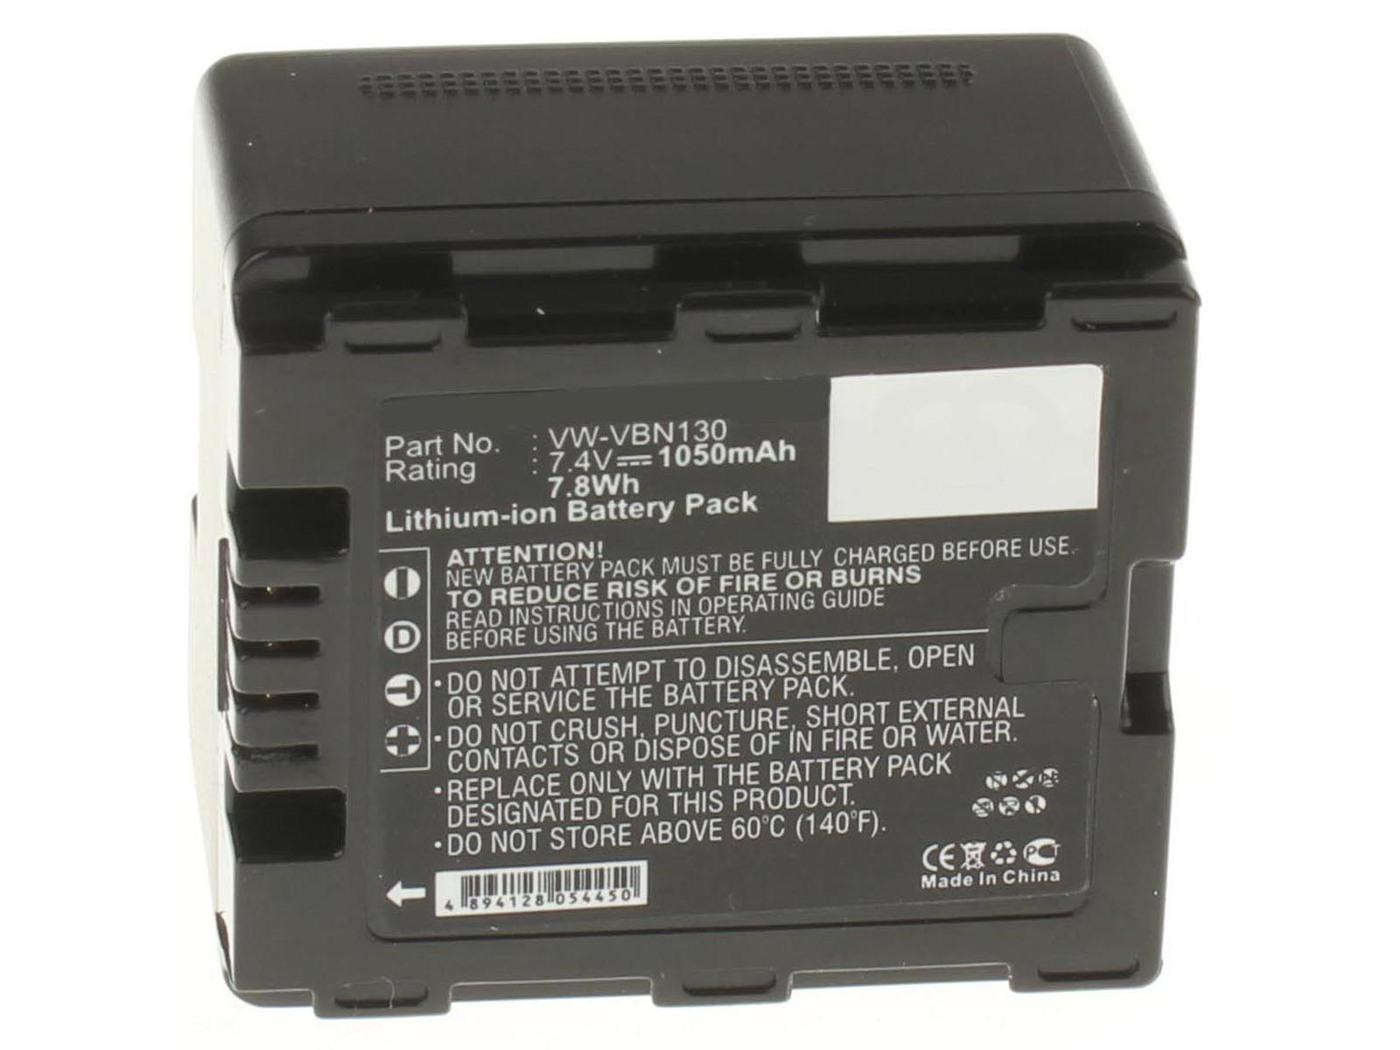 Аккумуляторная батарея iBatt iB-T1-F228 1050mAh для камер Panasonic HC-X800, HC-X920, HDC-SD800, HC-X900, HC-X810, HDC-TM900, HC-X900M, HDC-SD900, HDC-HS900, HDC-TM900K, HC-X800GK, HC-X900K, HC-X909, HDC-HS900GK, HDC-HS900K,